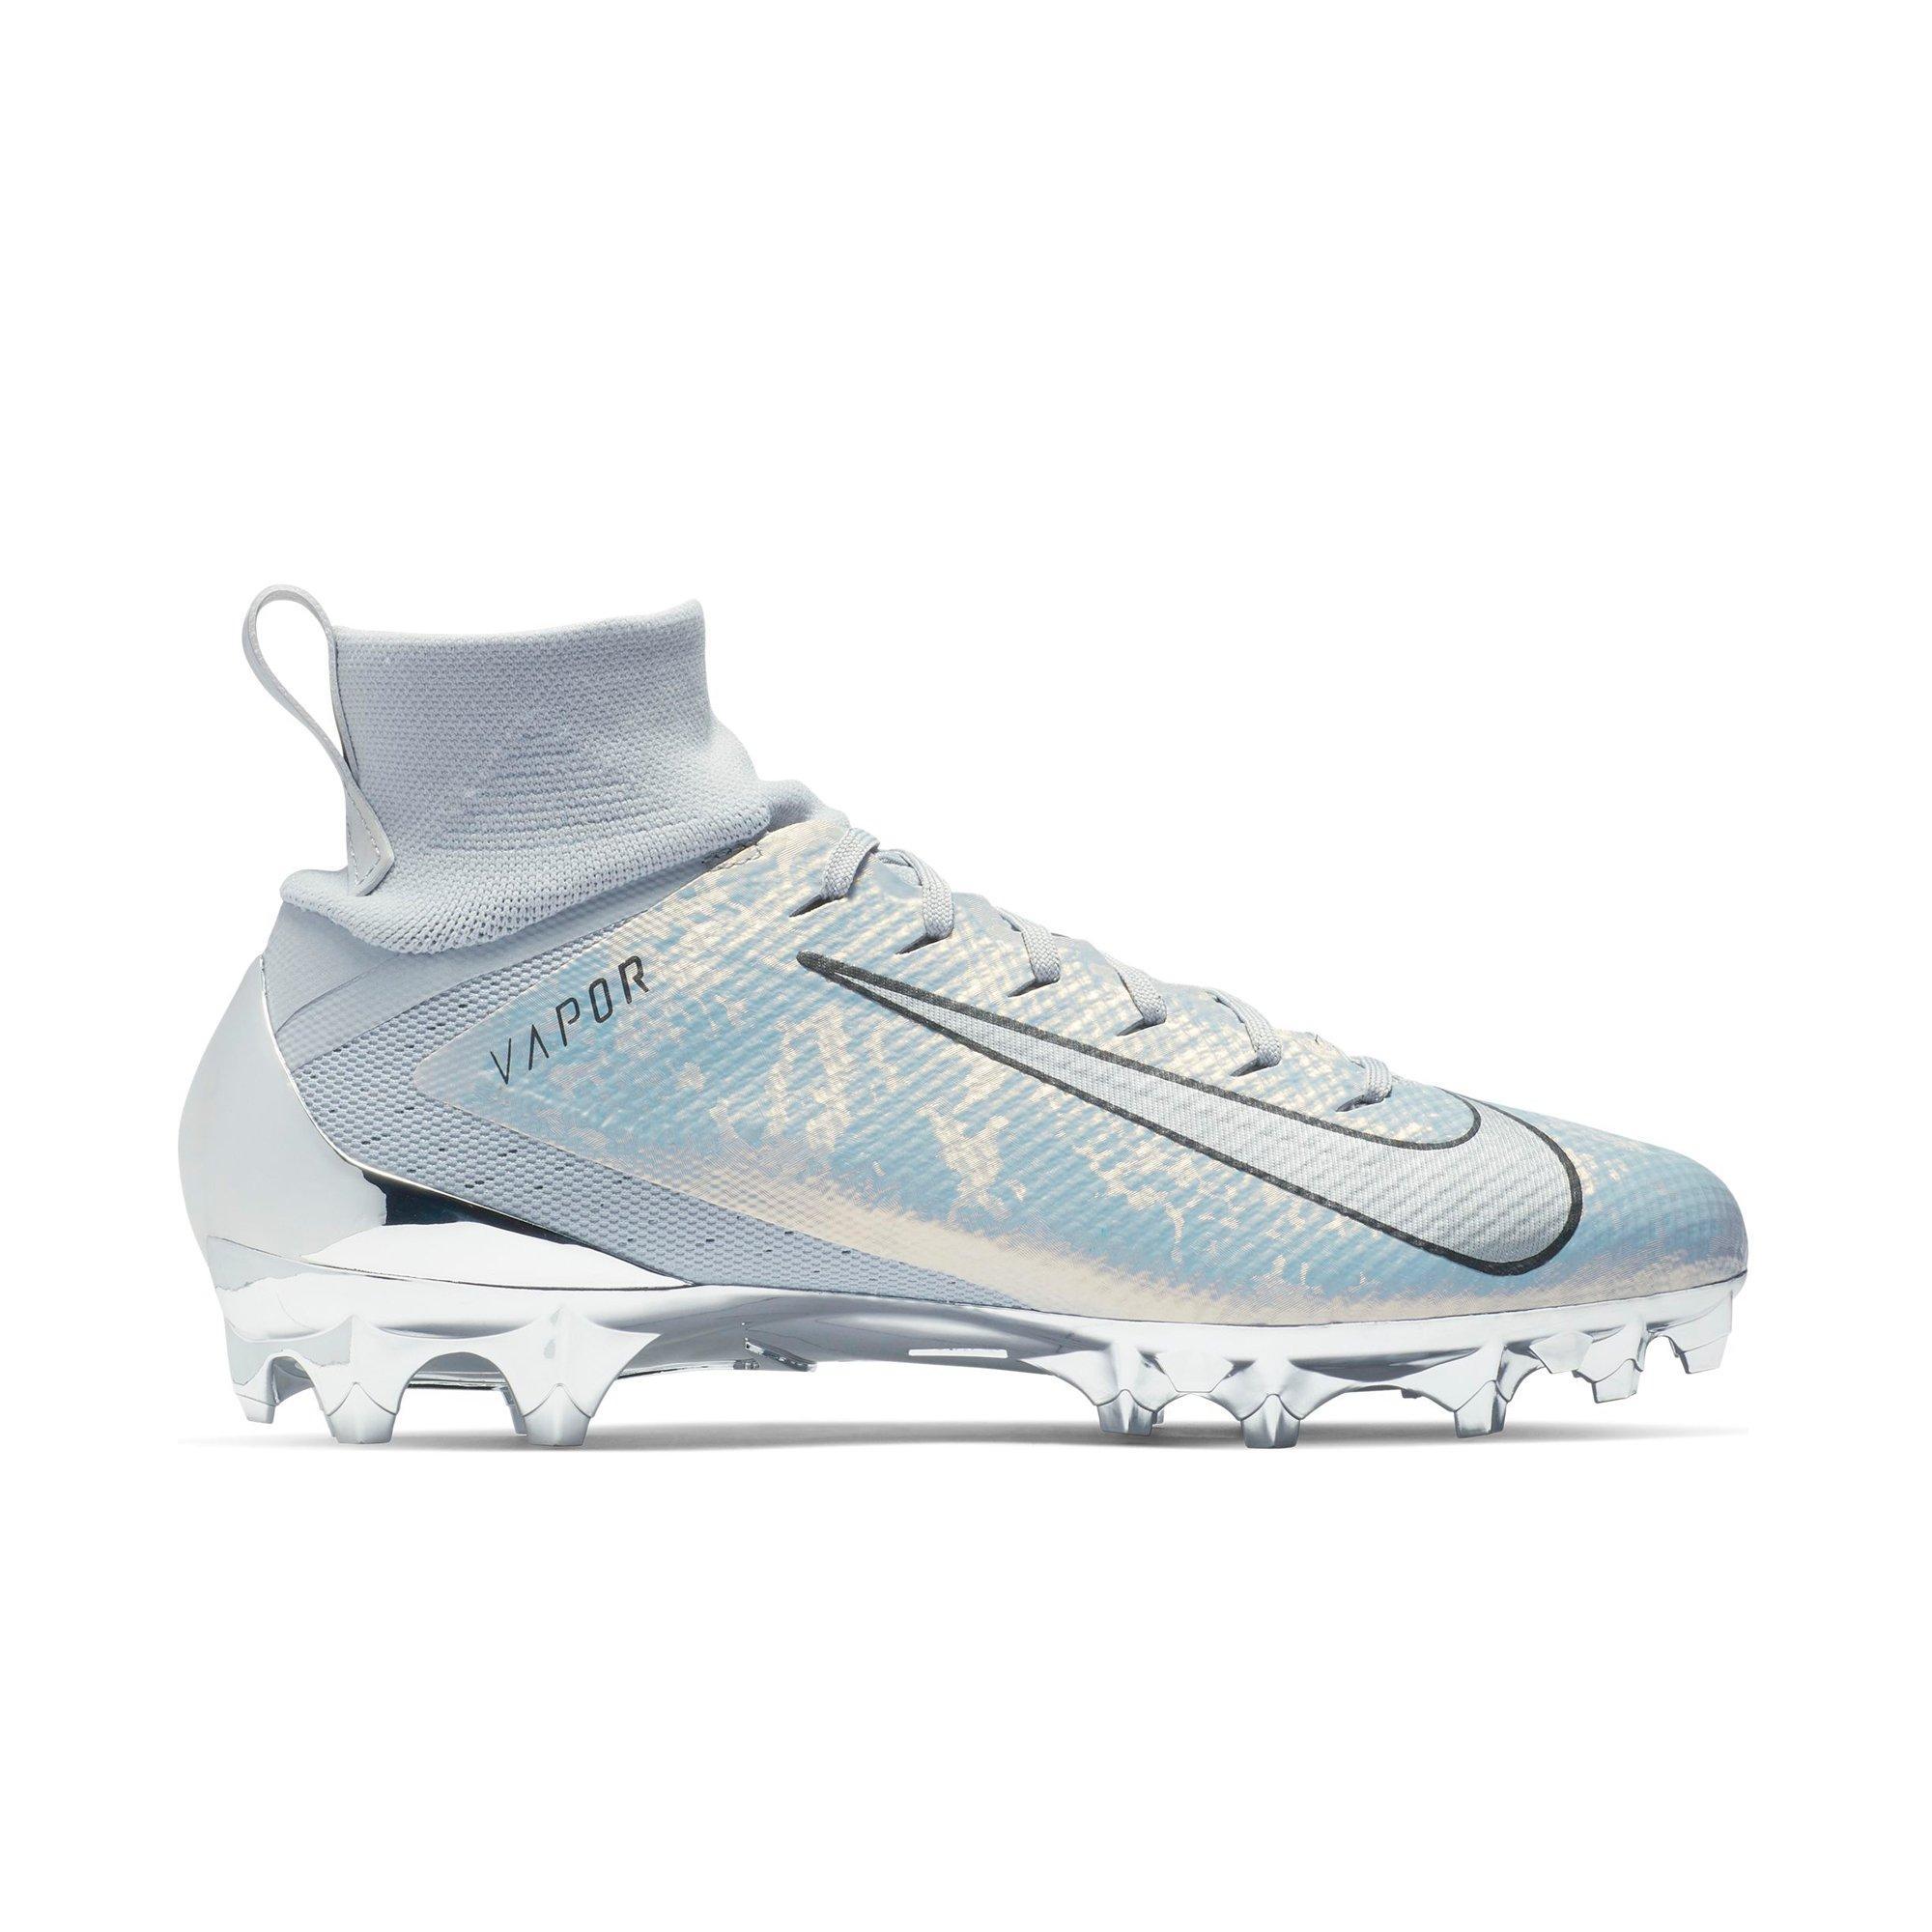 Nike Vapor Untouchable Pro 3 PRM Men's